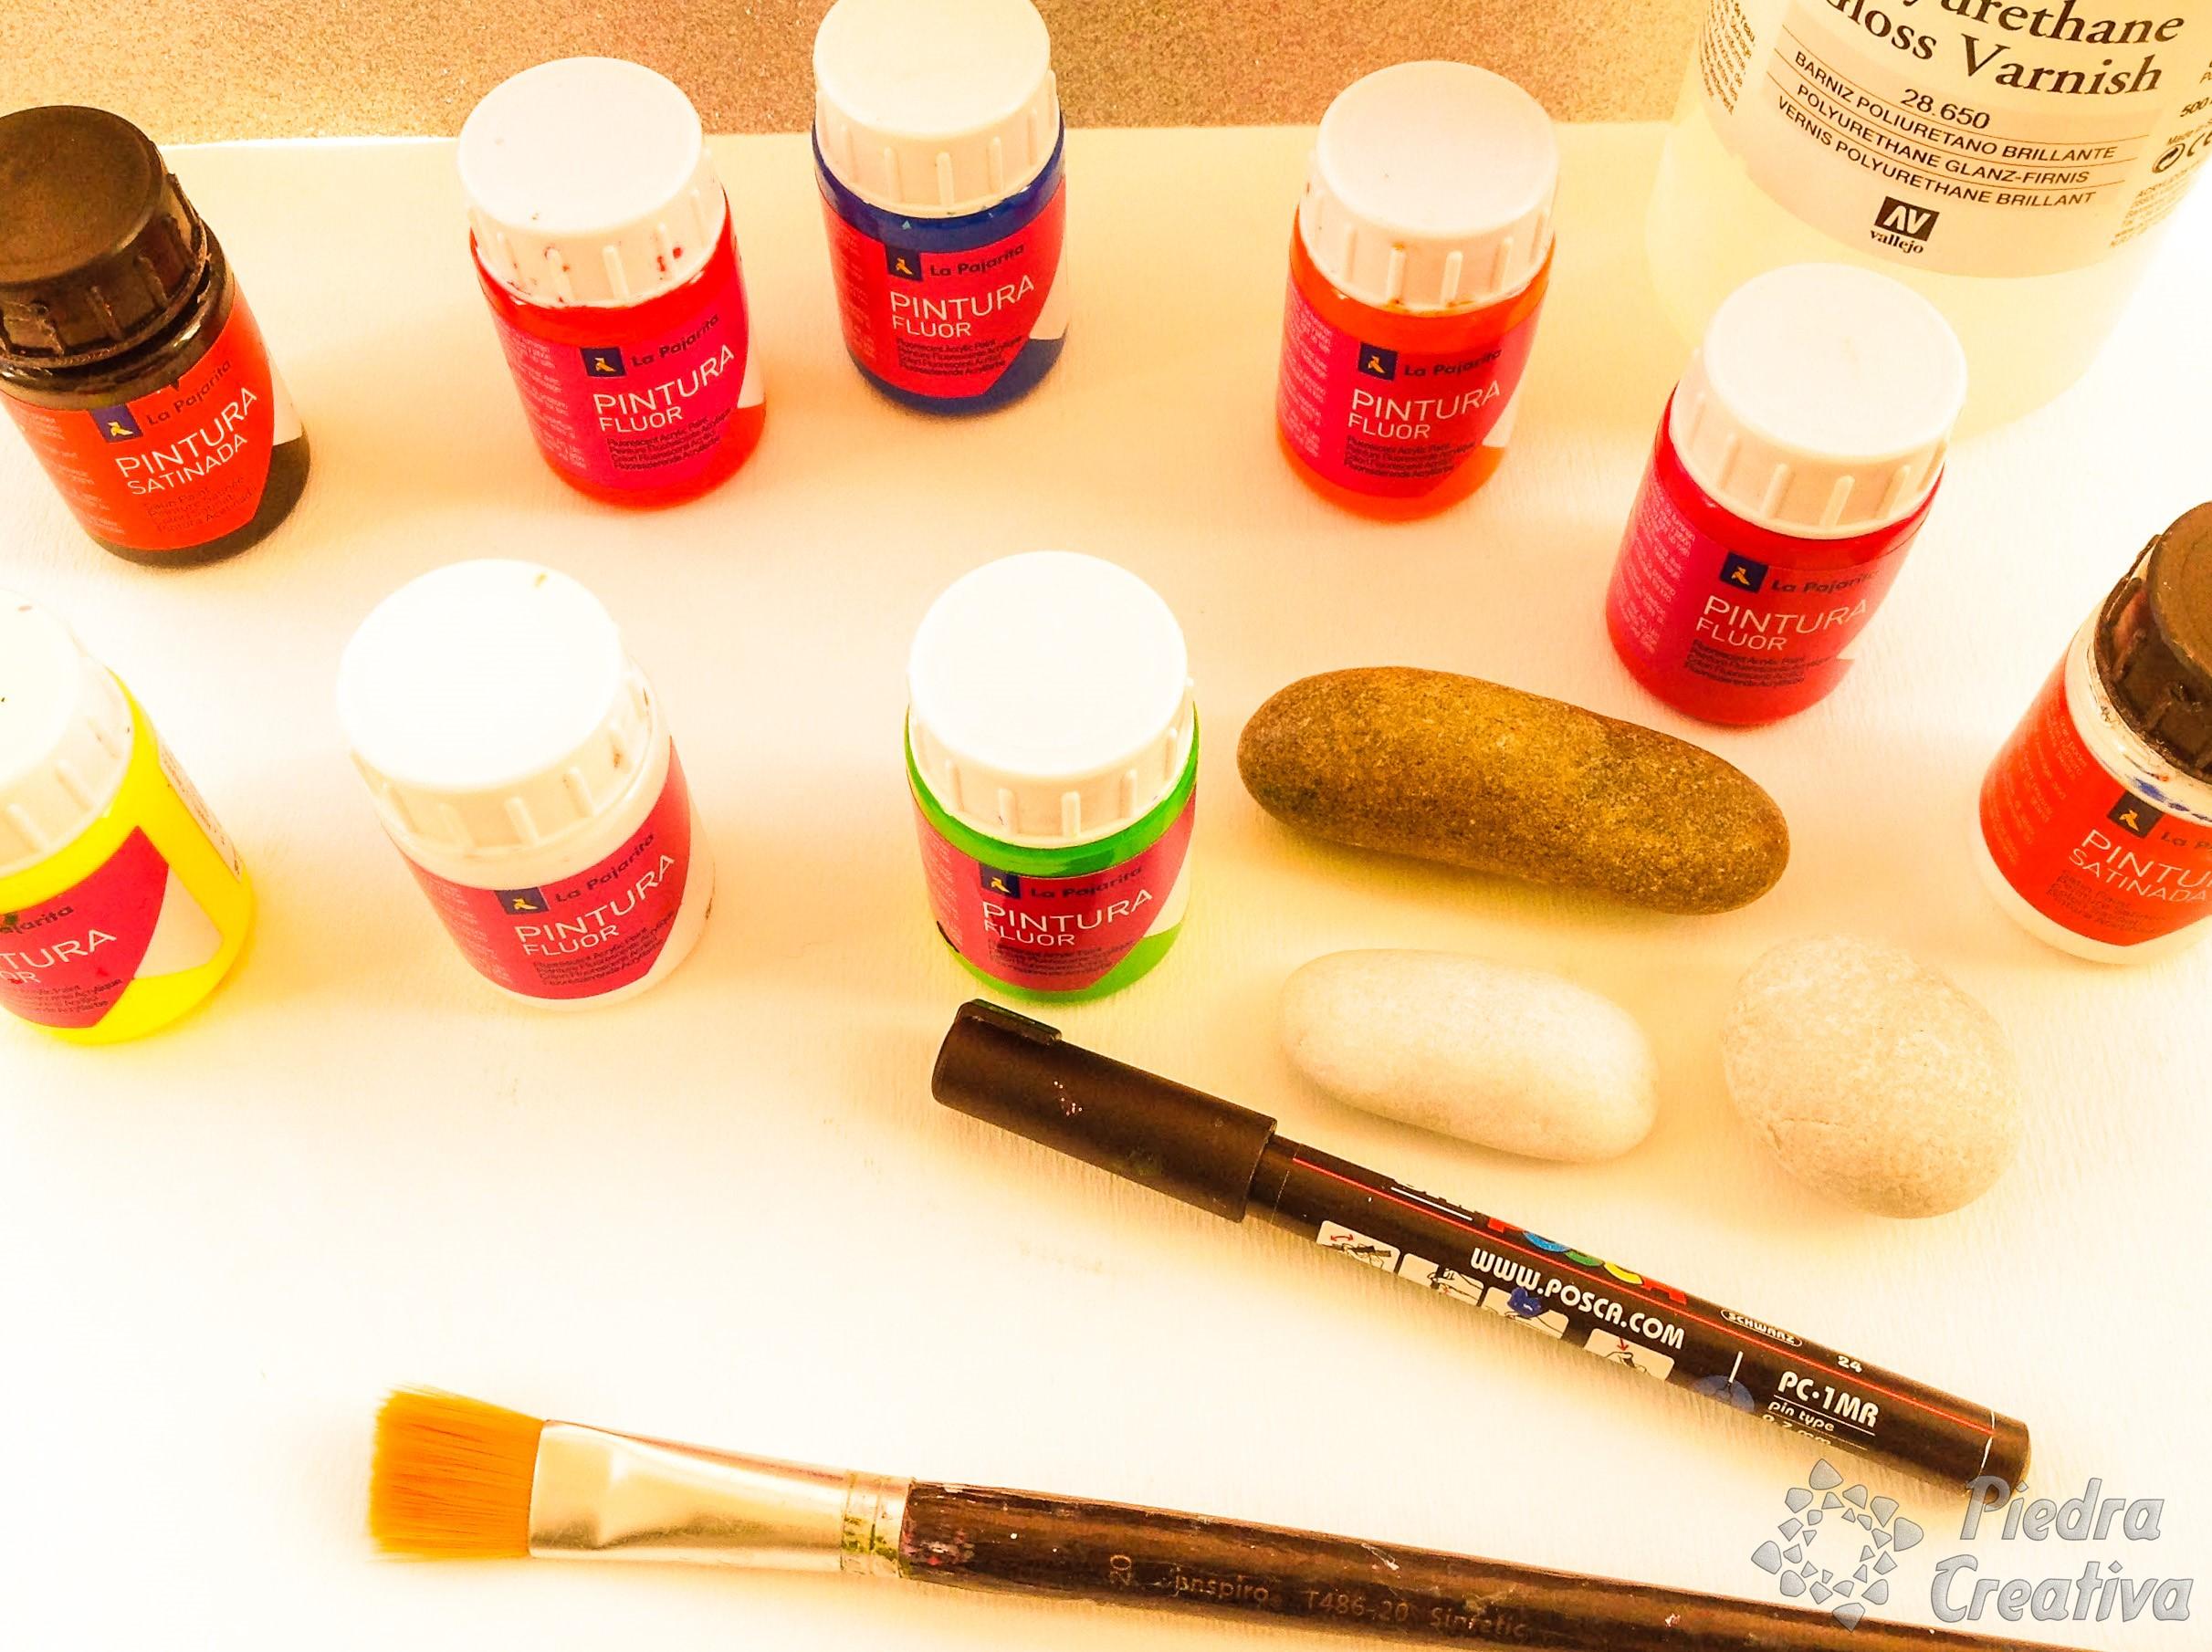 Pintura fluorescente para piedras piedracreativa for Pintura para piedra natural